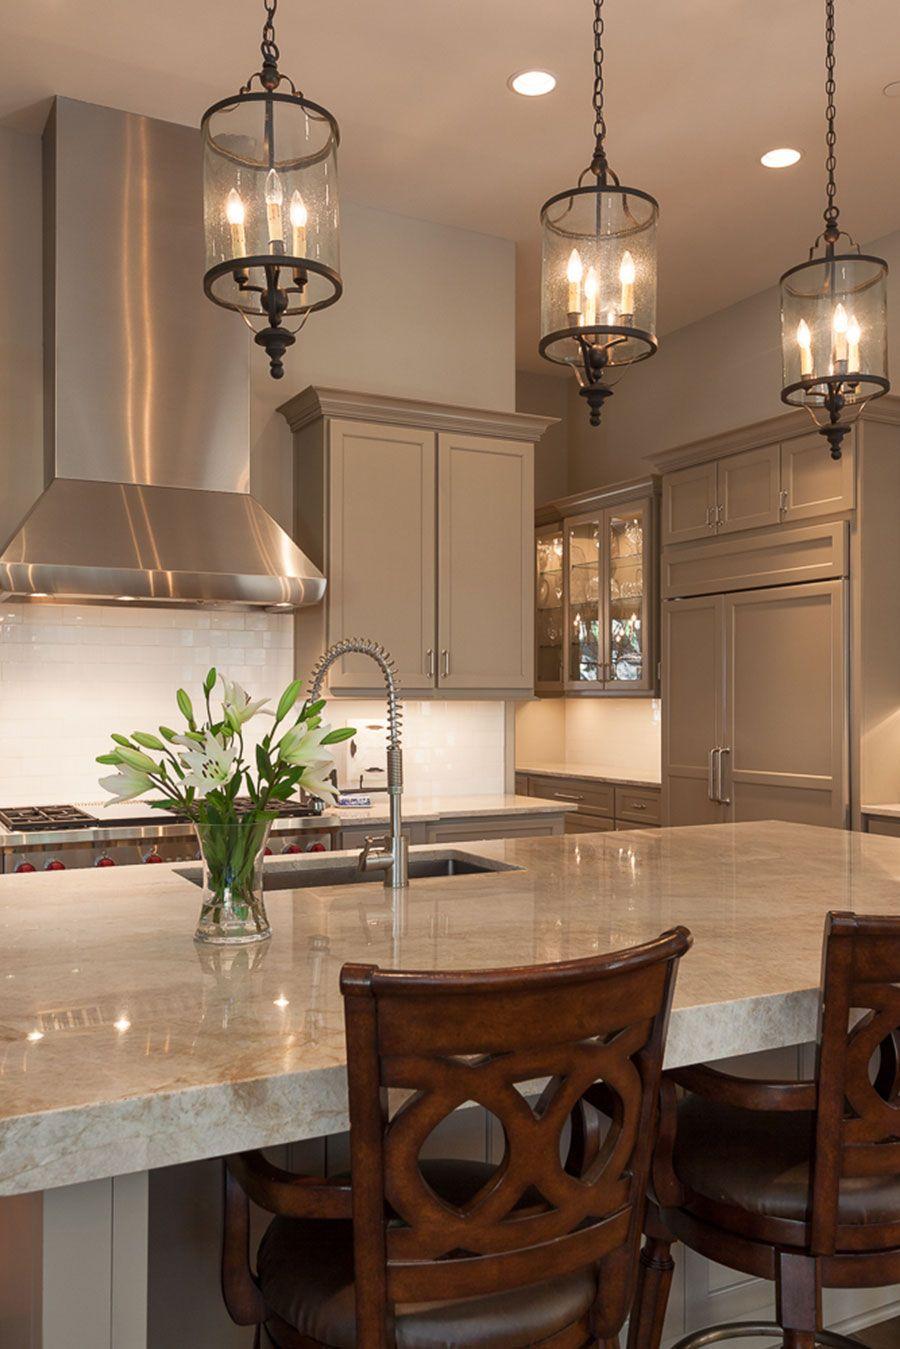 Dualit slot toaster watt in kitchen ideas and decor